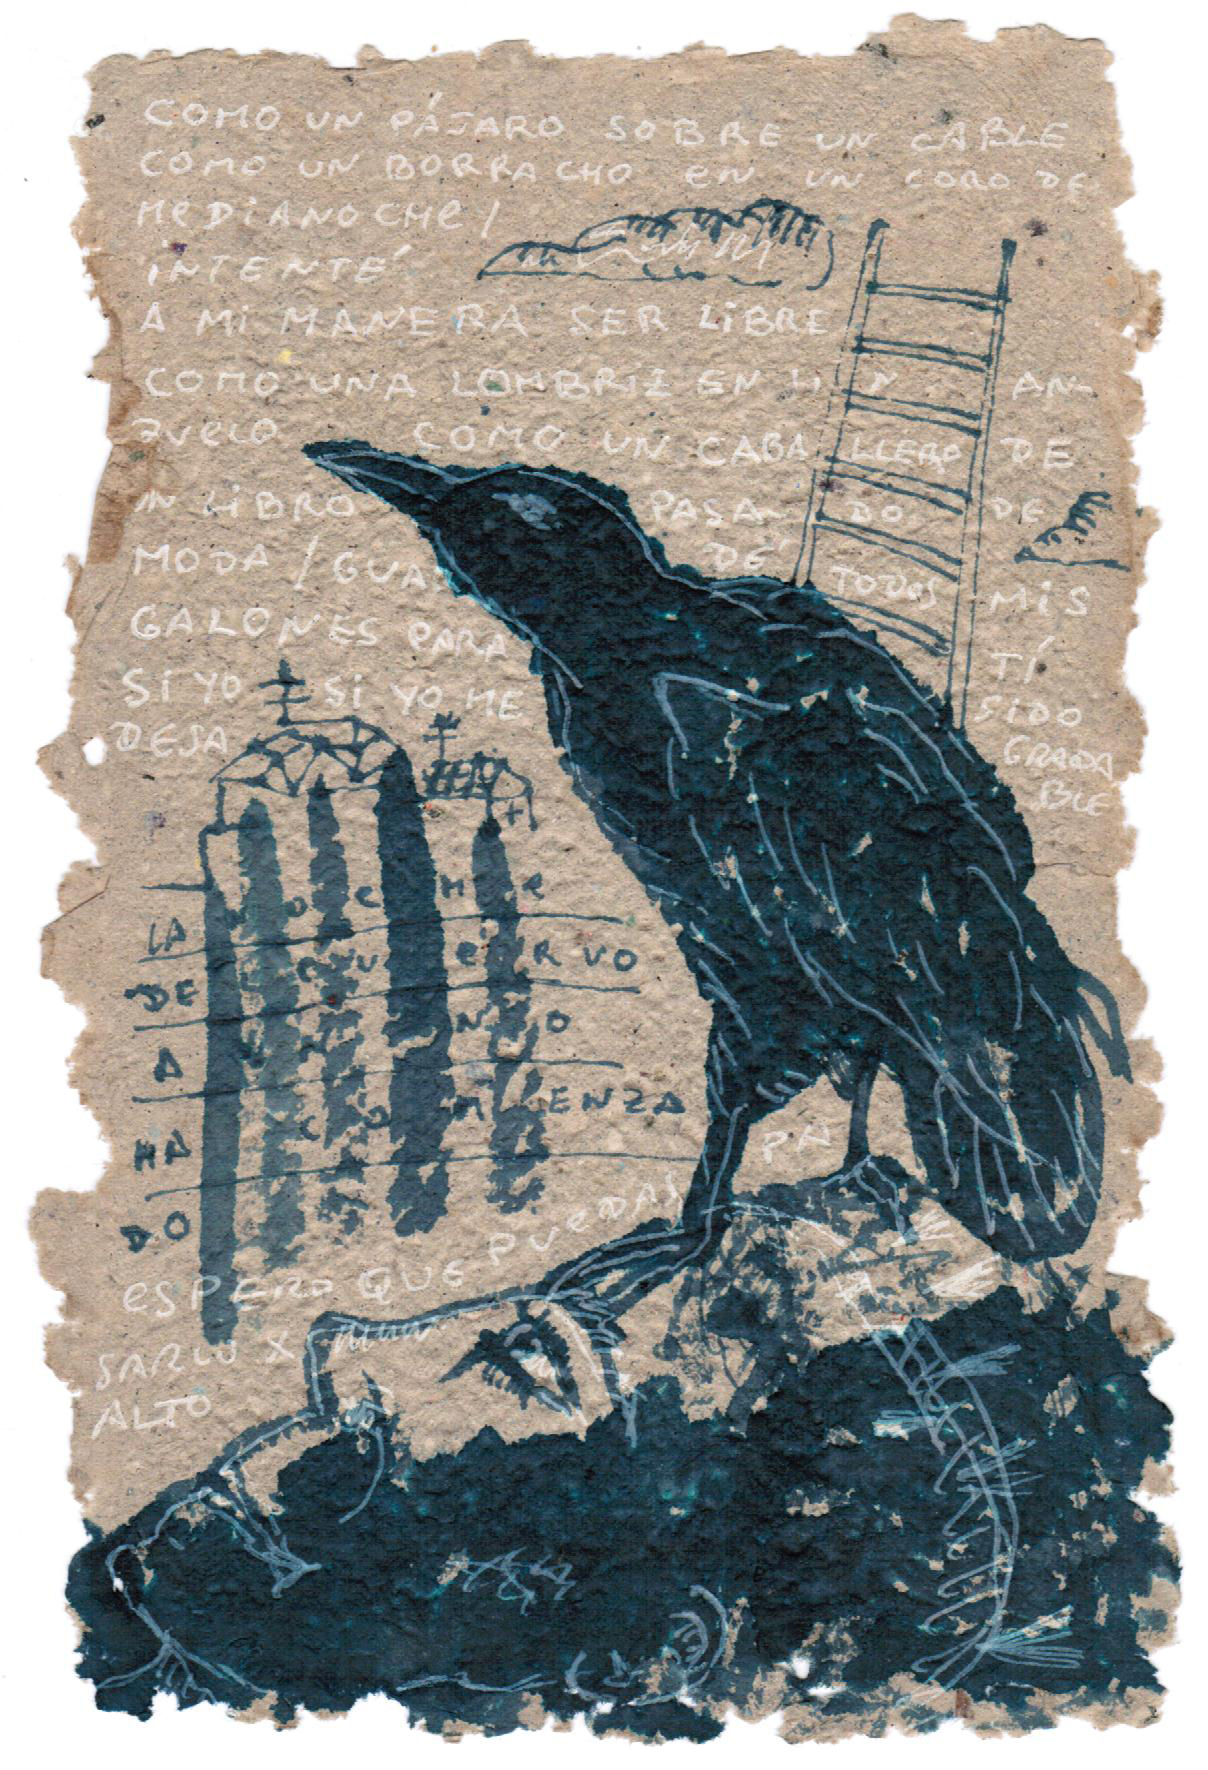 Resultado de imagen para cuervo botero